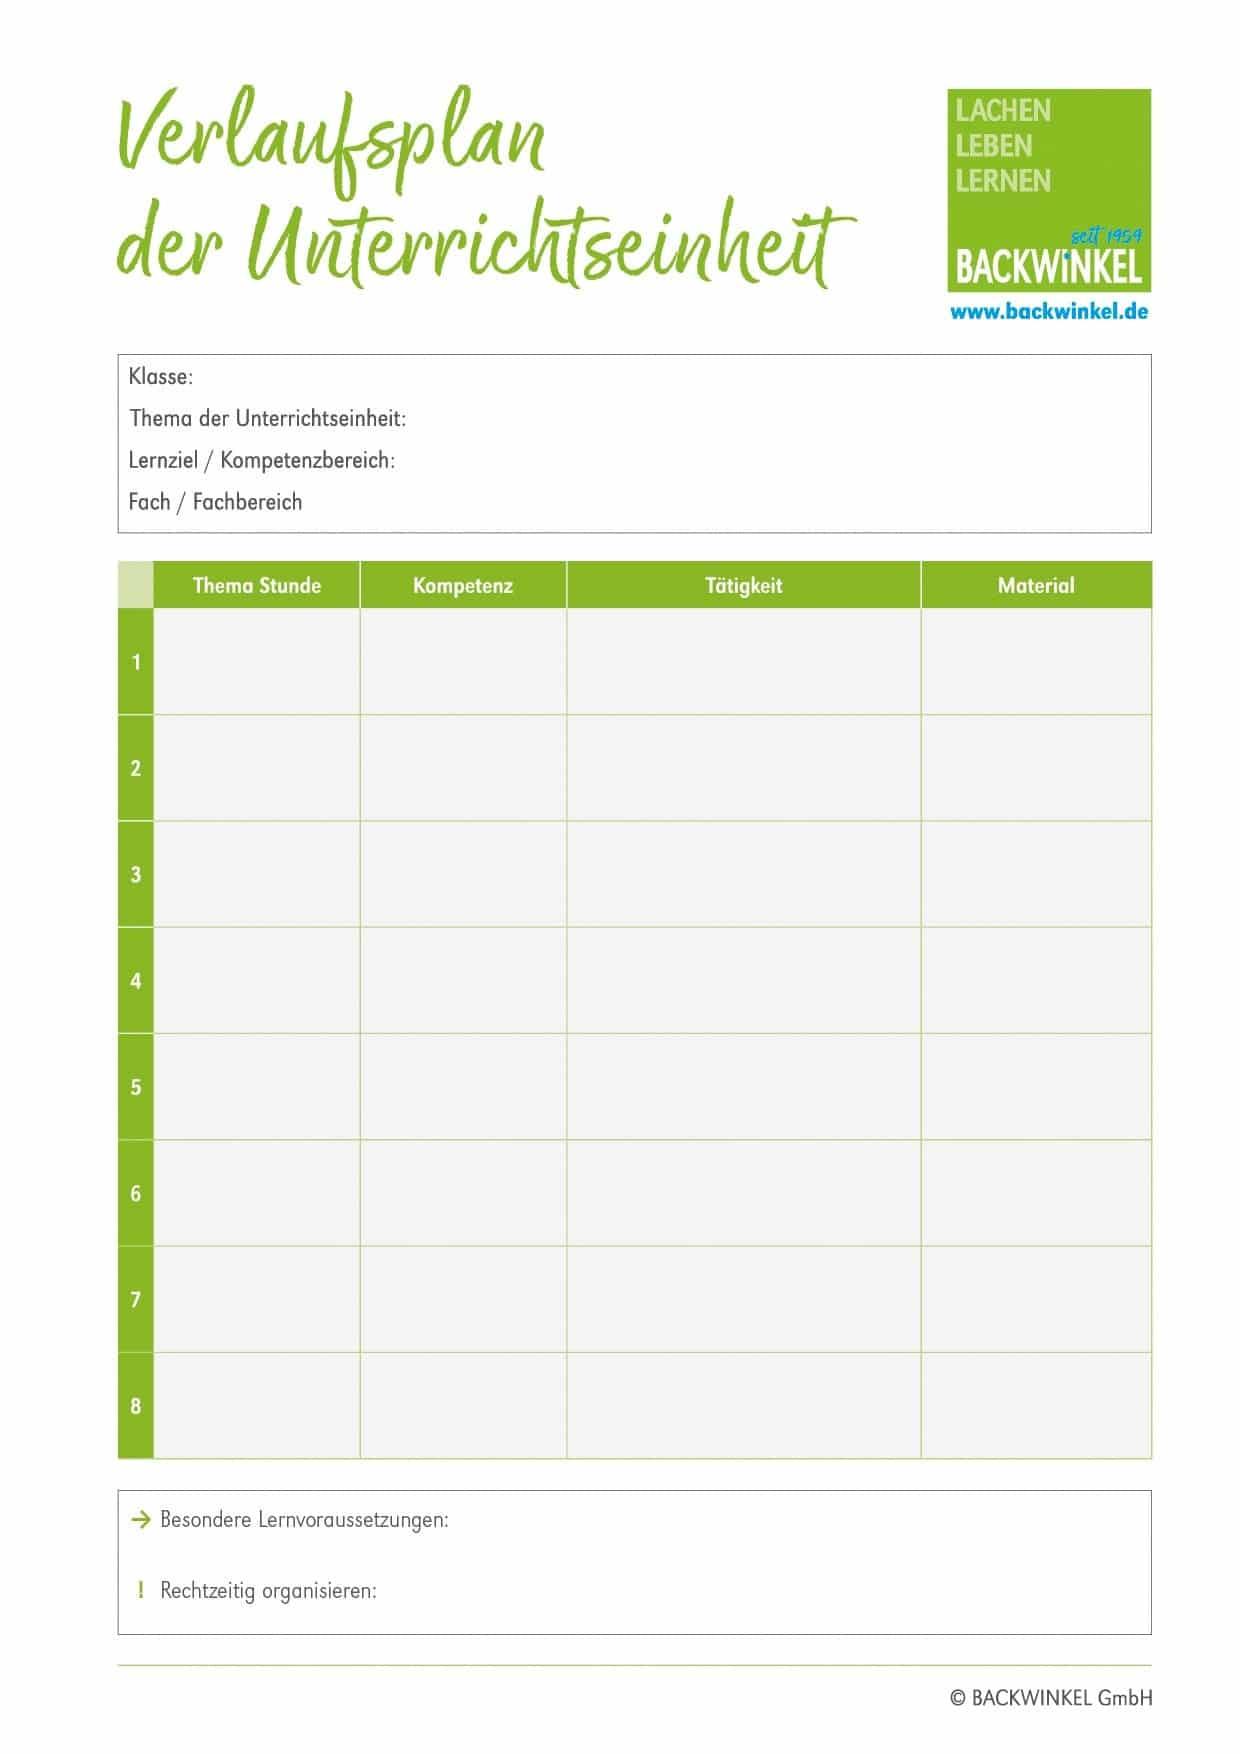 backwinkel-blog-unterrichtsplanung-verlaufsplan-der-unterrichtseinheit